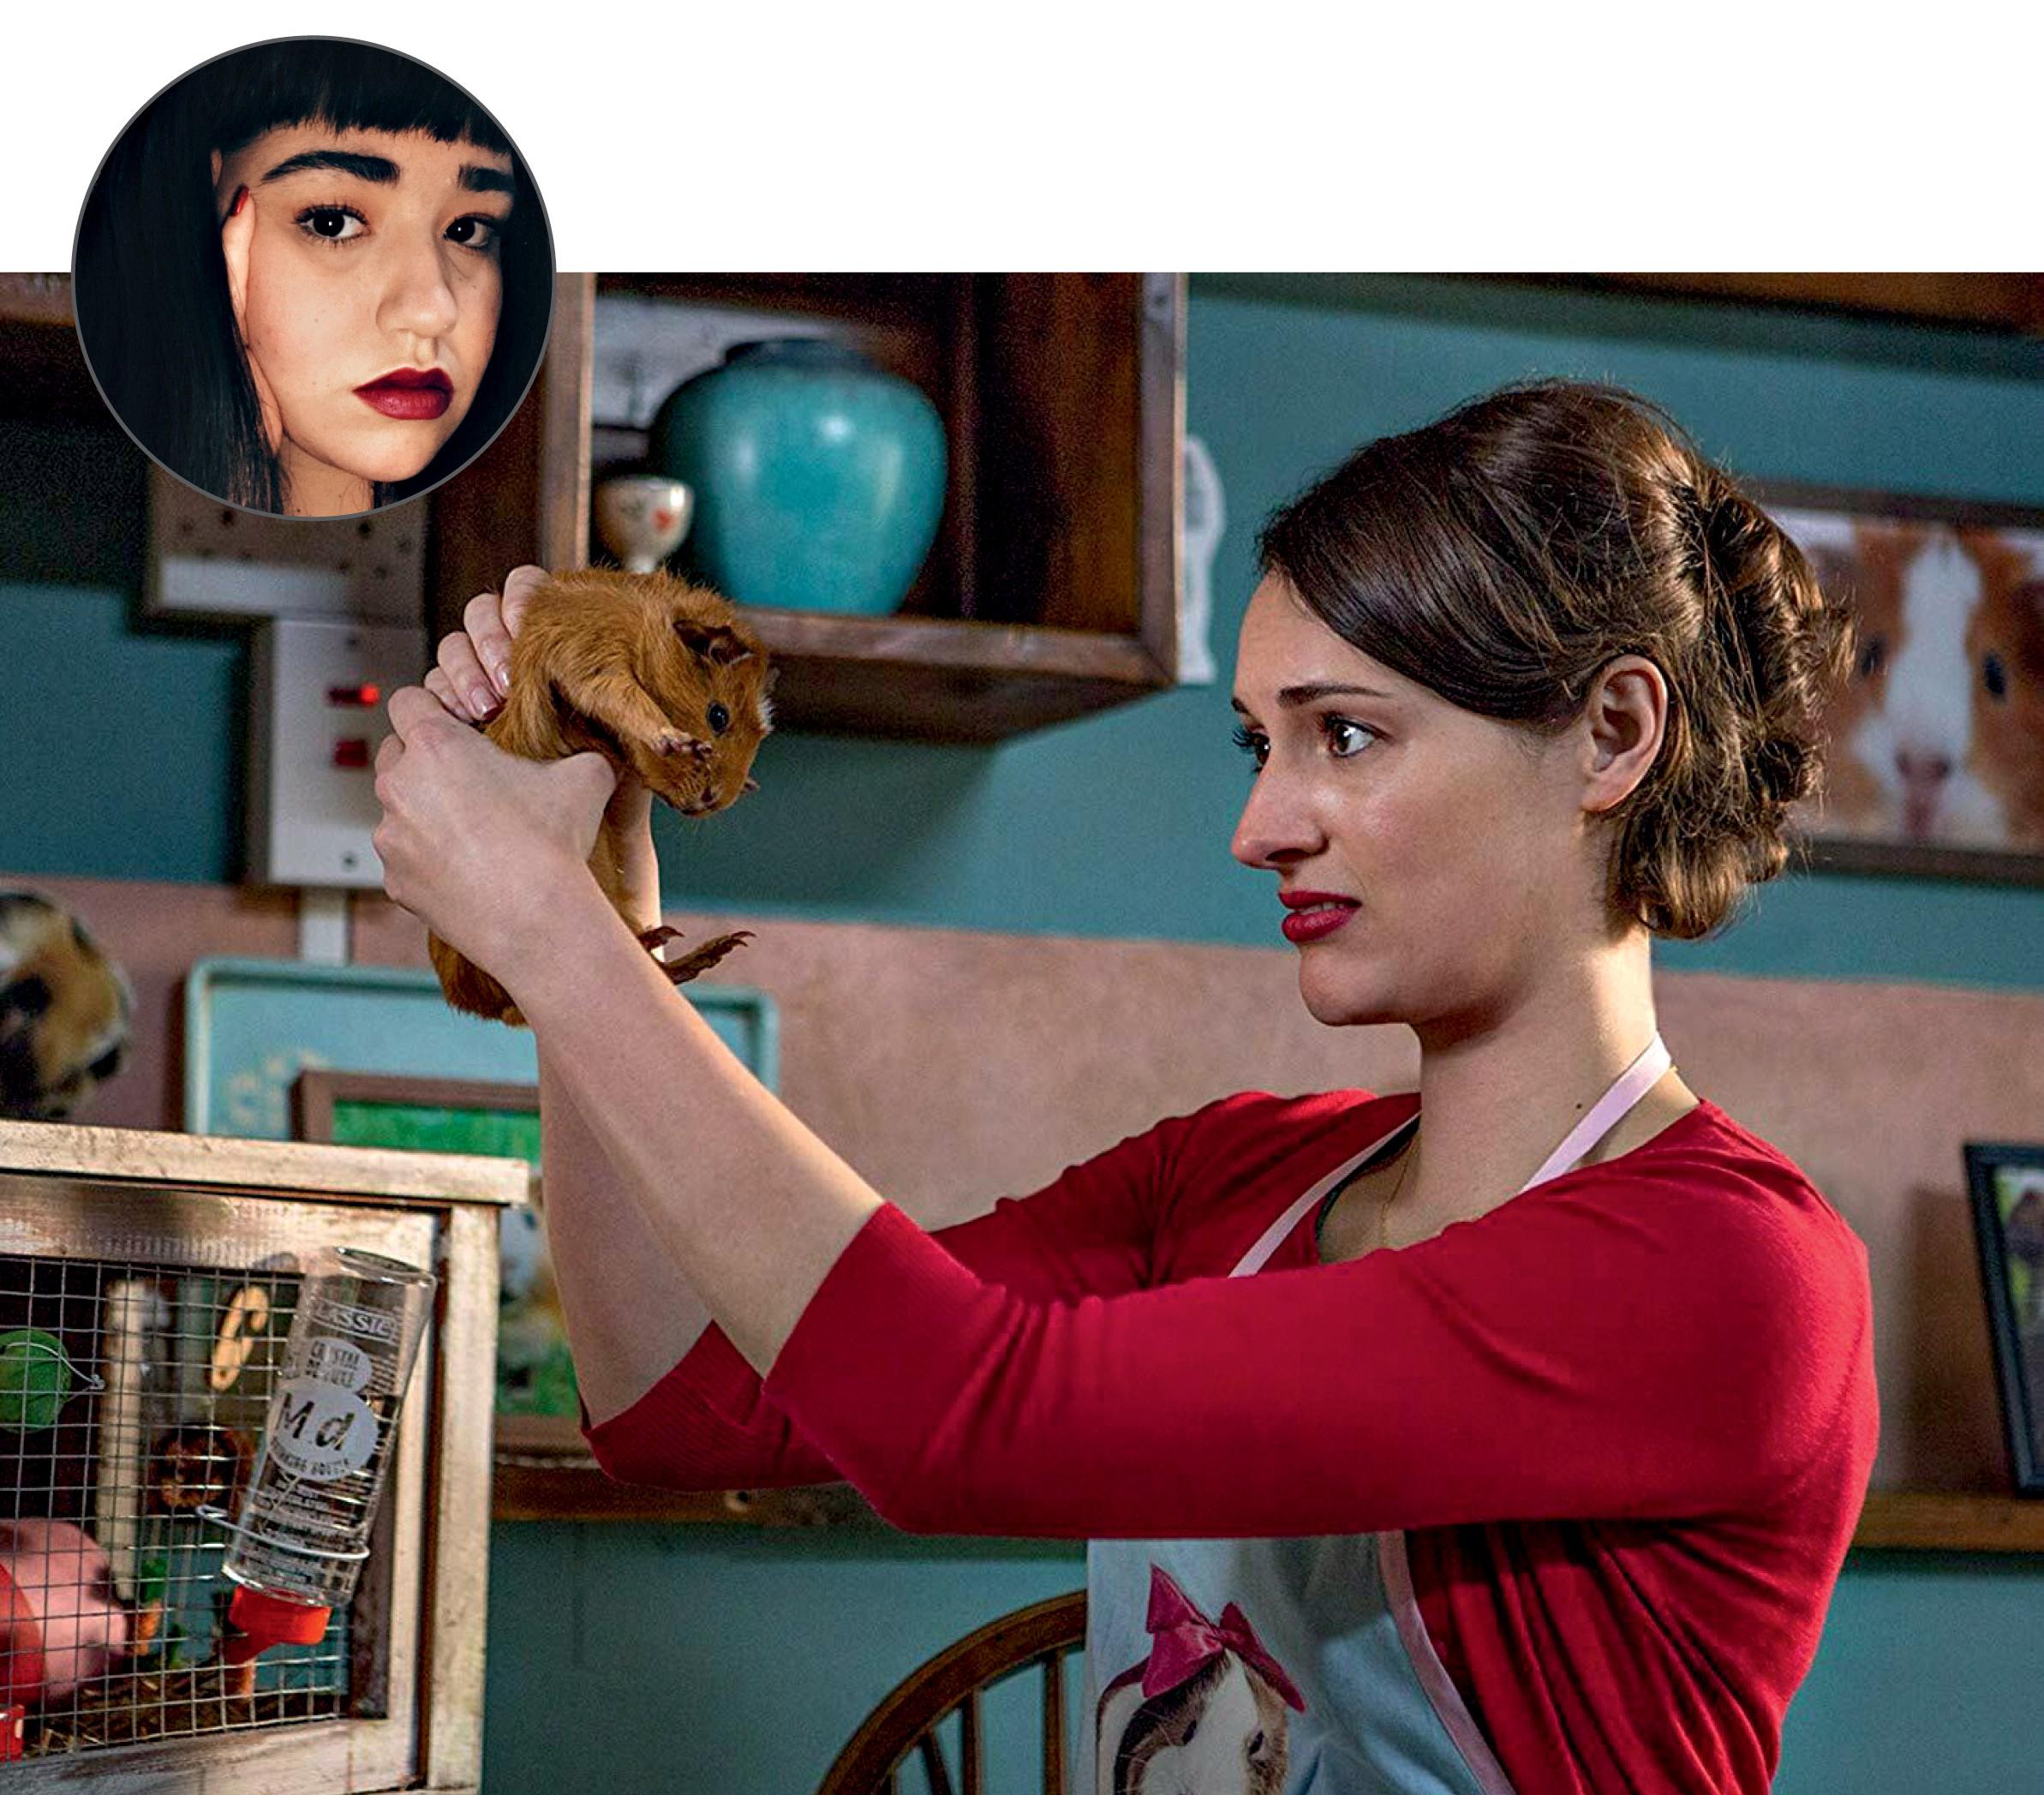 Foto de Mariani com uma imagem ilustrativa da série Fleabag